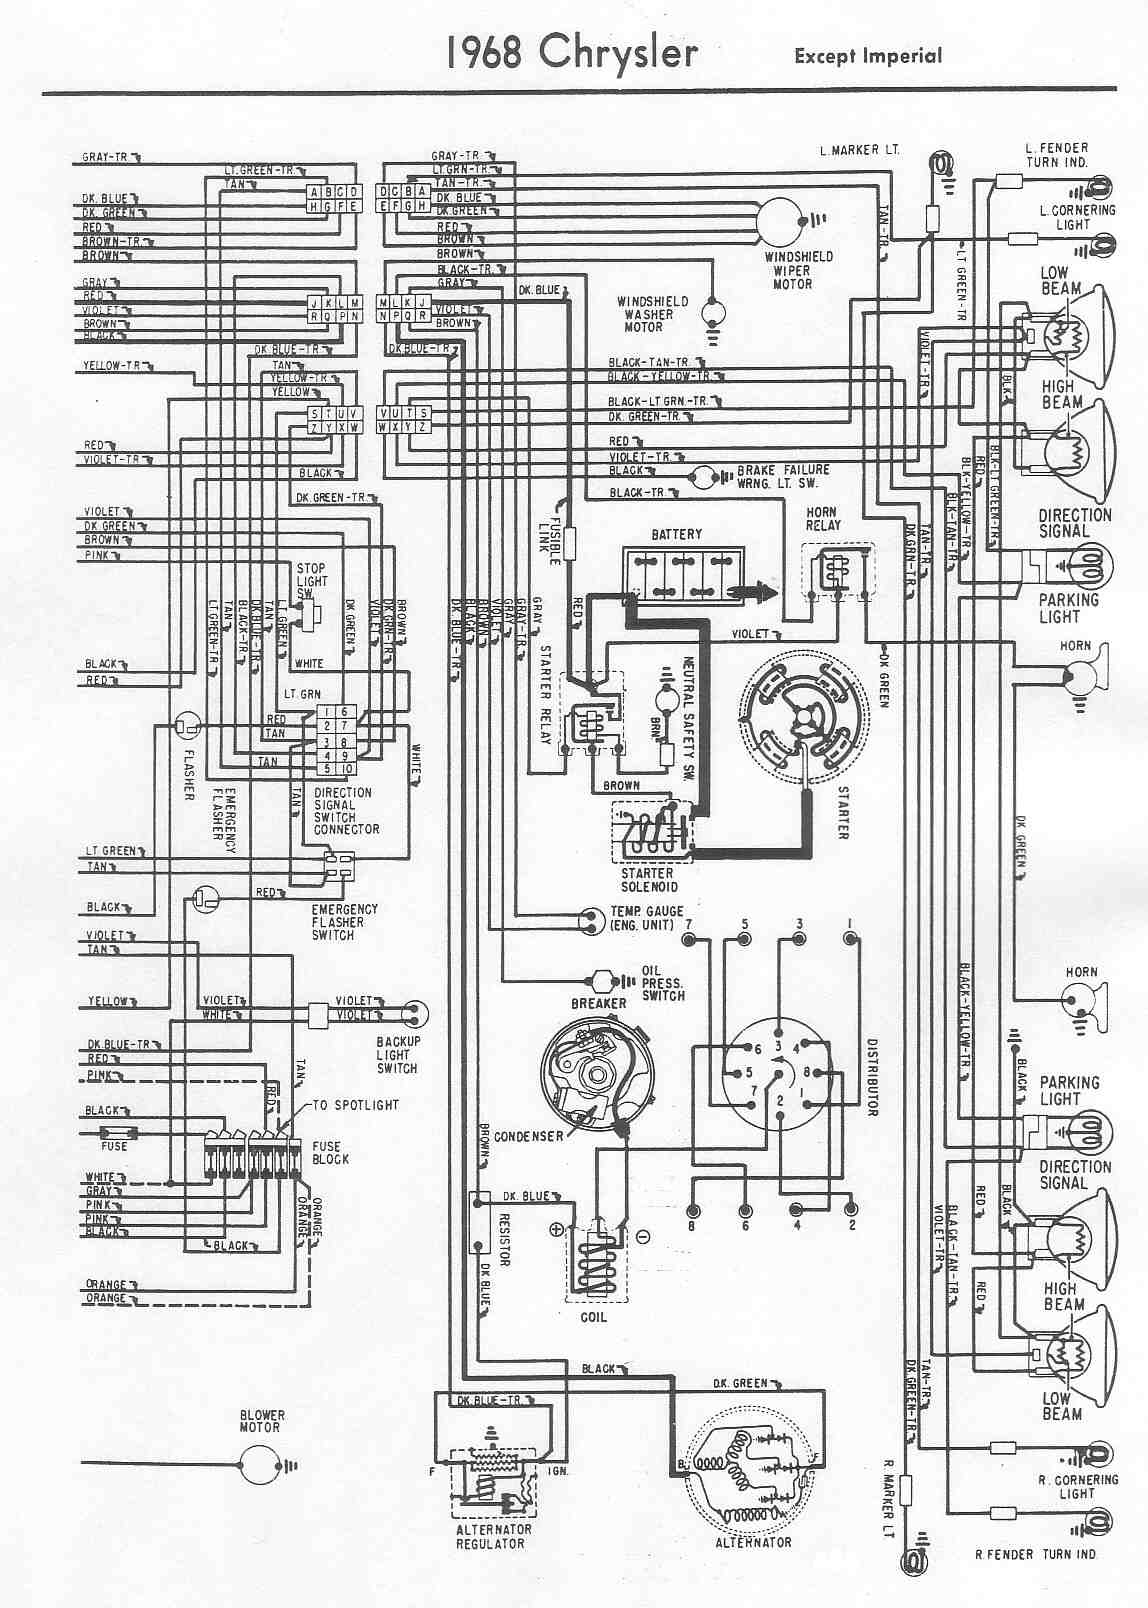 1968 Dodge Wiring Diagram Data 1974 Karmann Ghia Cadillac Deville Charger